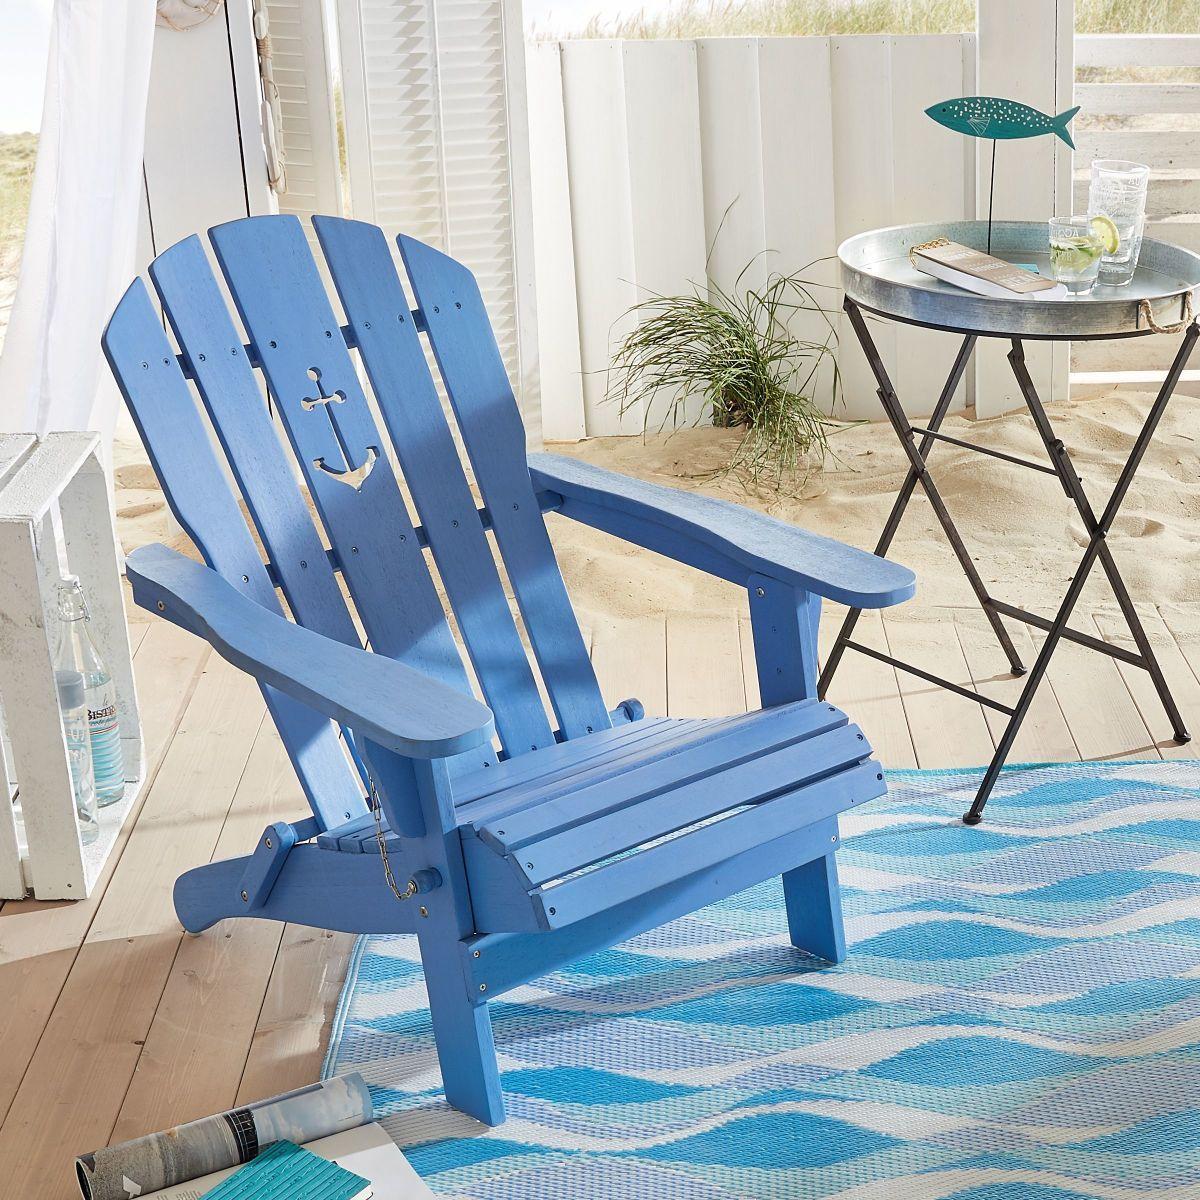 Gartenstuhl Anker, Adirondack Chair klappbar, Maritimer Look, Holz ...